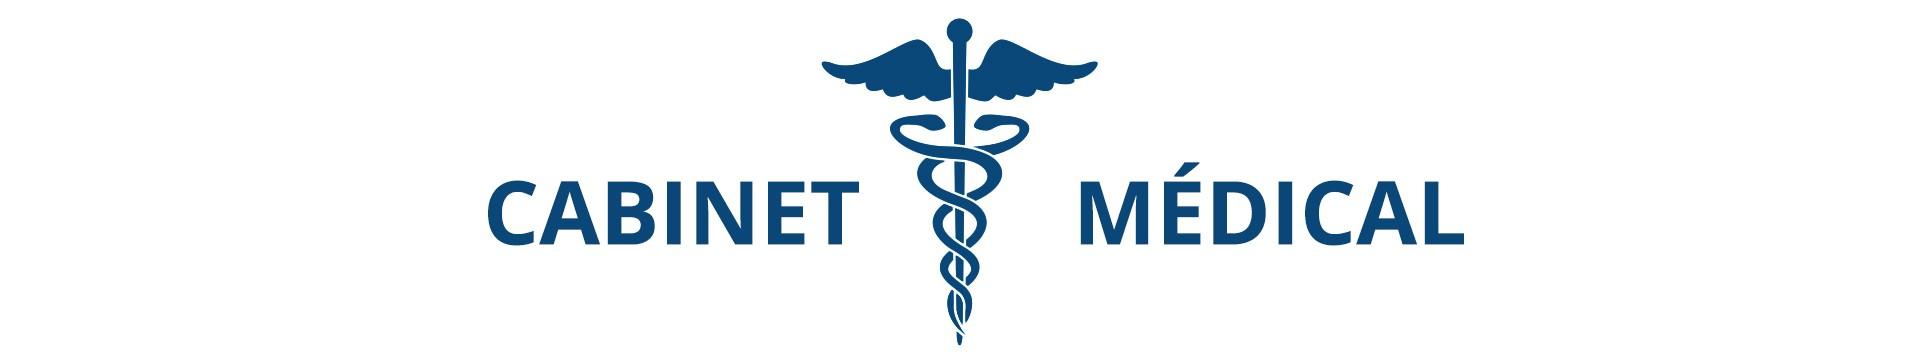 cabinet-medical-01-8901-9652